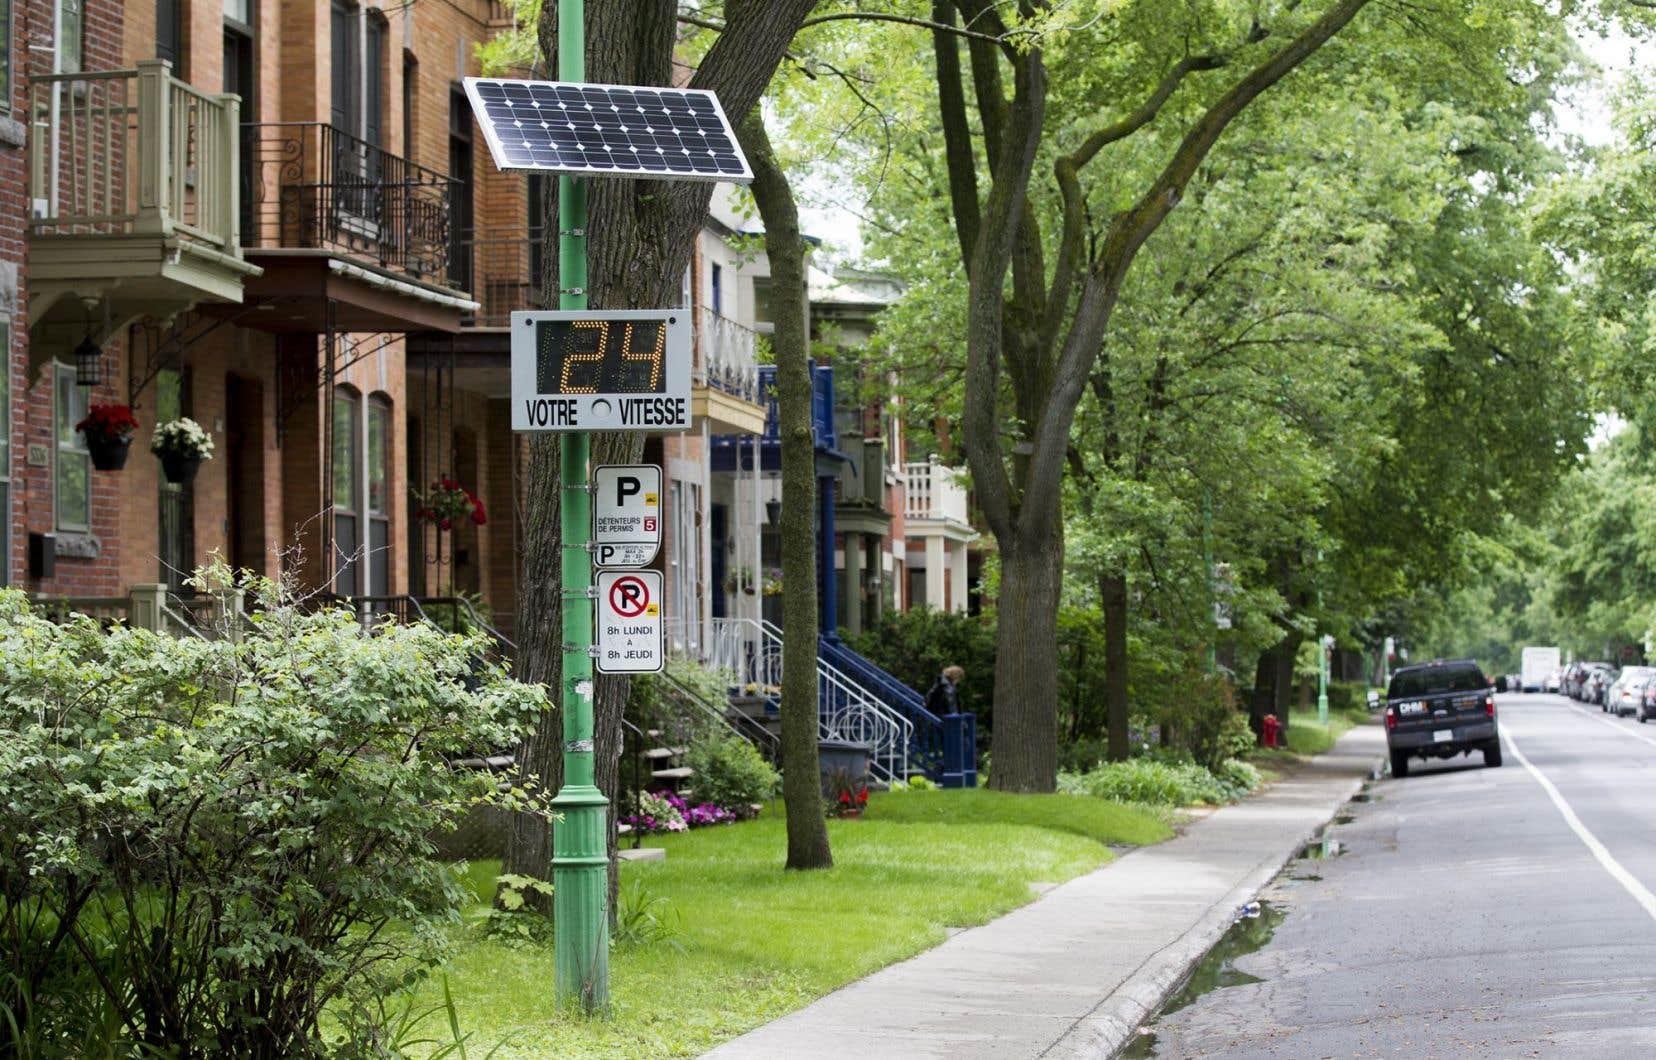 Pour que la limite réduite soit respectée, d'autres mesures doivent l'accompagner, comme des panneaux indicateurs de vitesse.